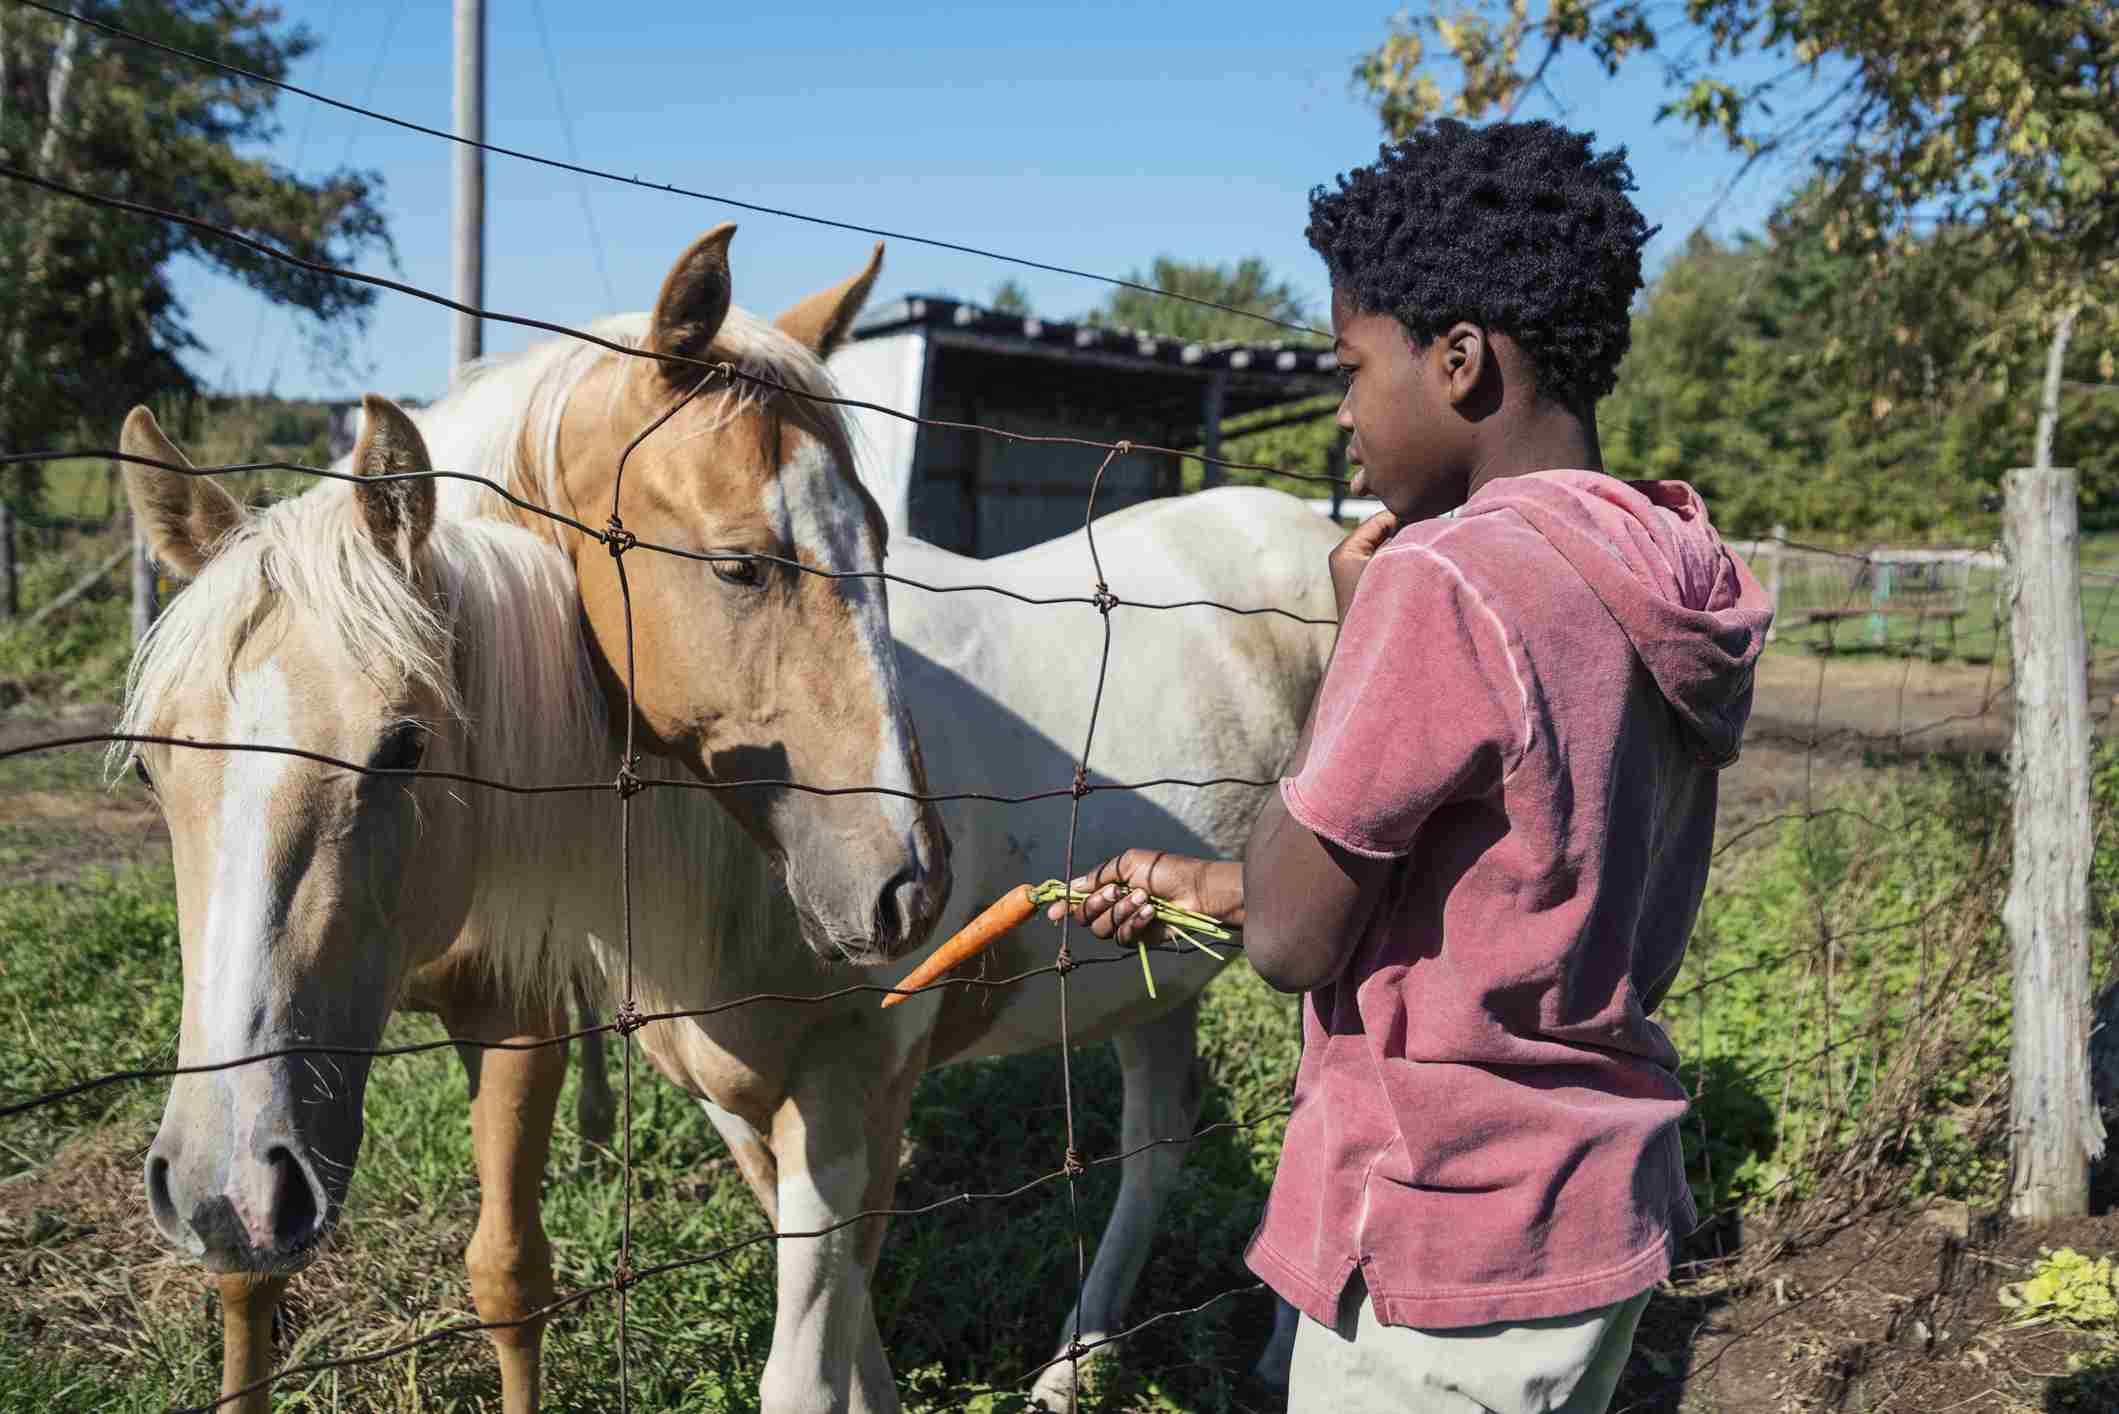 boy feeding horses behind a fence.